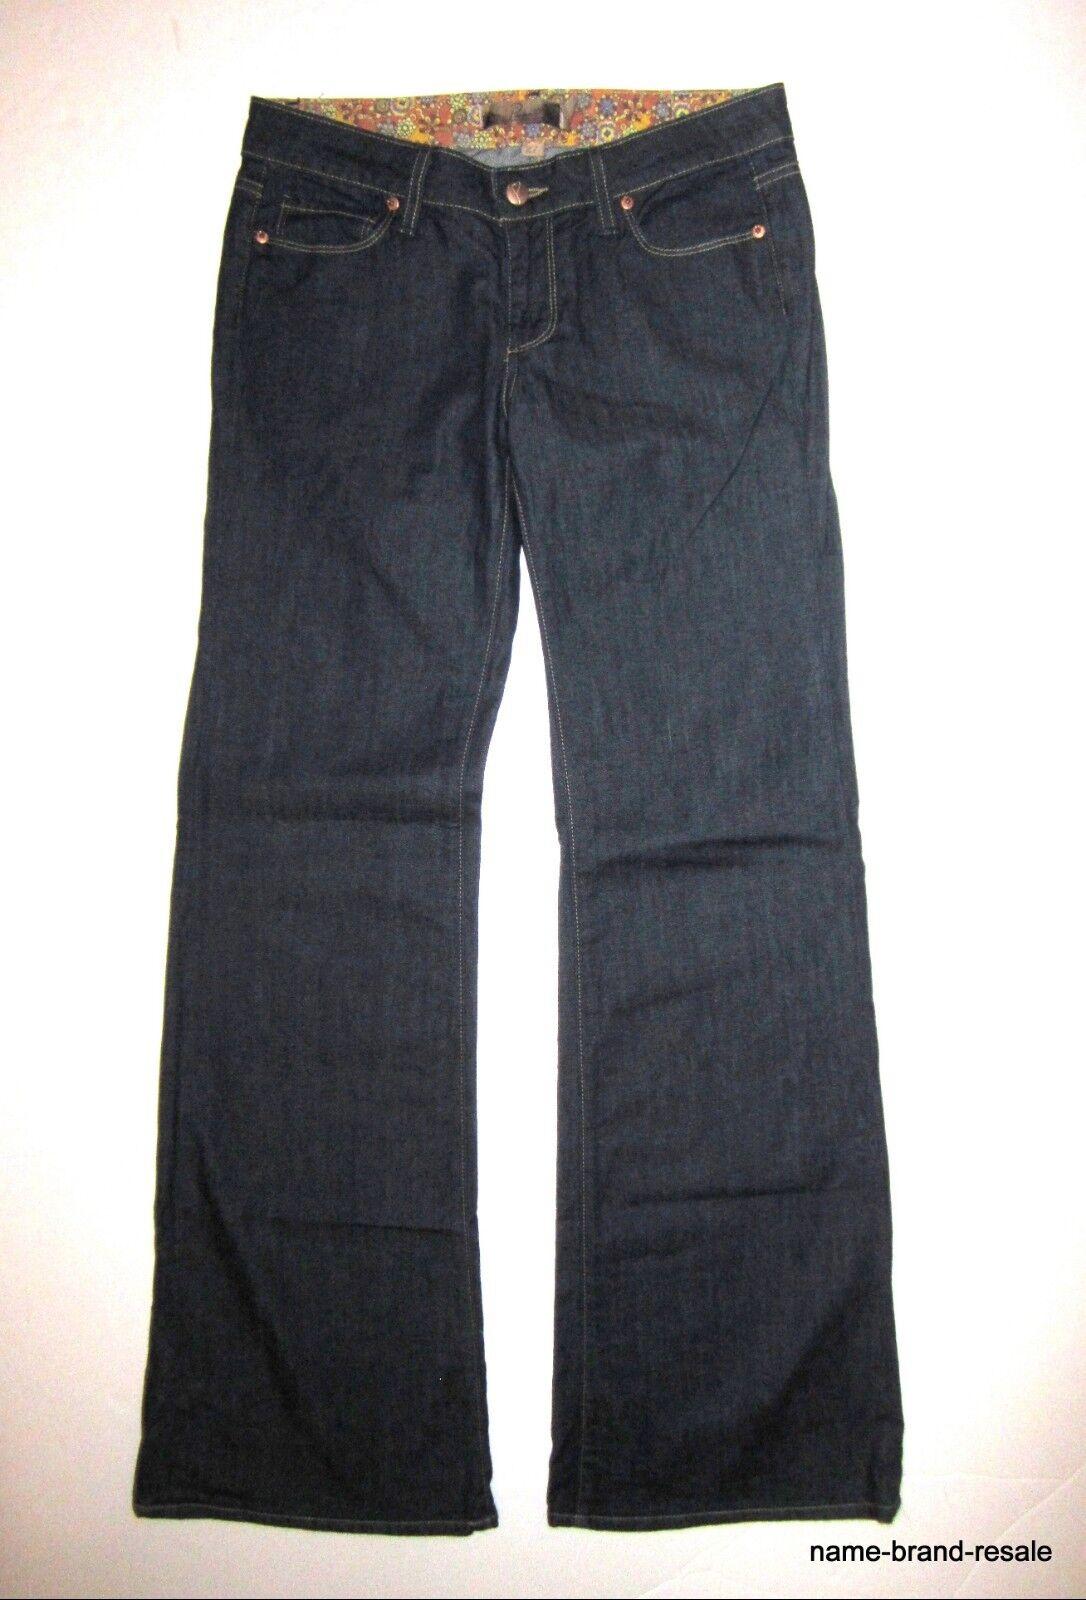 PAIGE PREMIUM Denim JEANS Womens 27 x 32 BENTLEY Dark Wash FLARE Leg DESIGNER